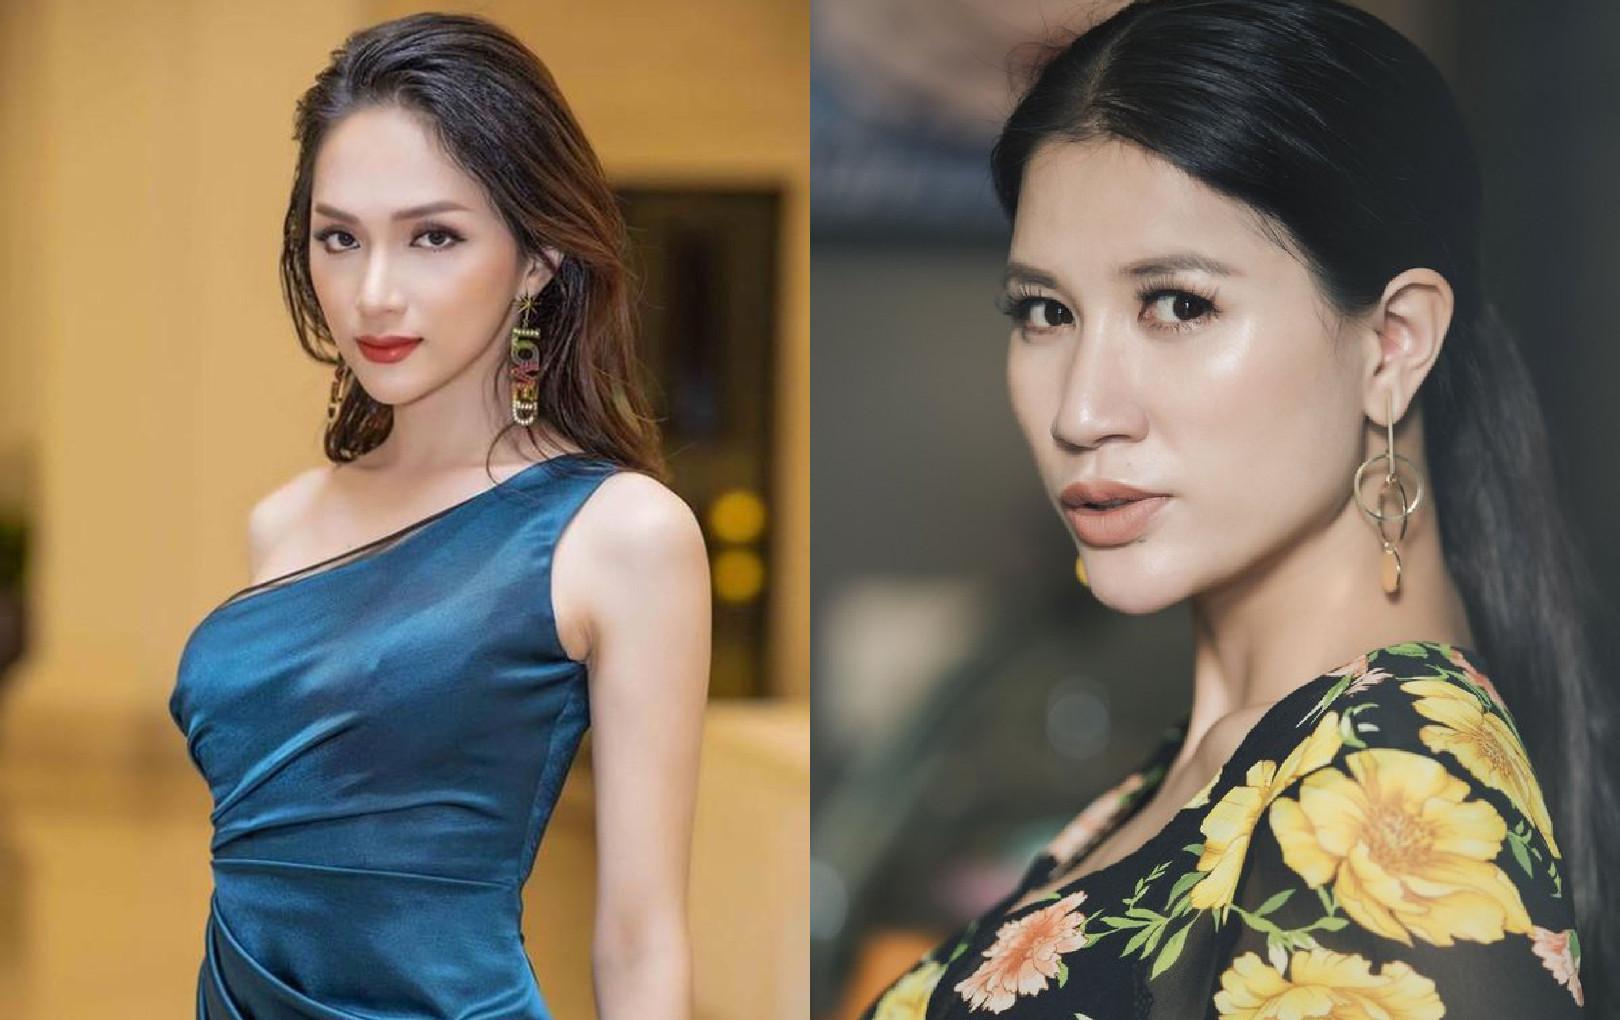 """Sau màn """"vạch mặt"""" Hương Giang, Trang Trần tiếp tục tố cáo từng bị đồng nghiệp gọi giang hồ """"dằn mặt"""""""